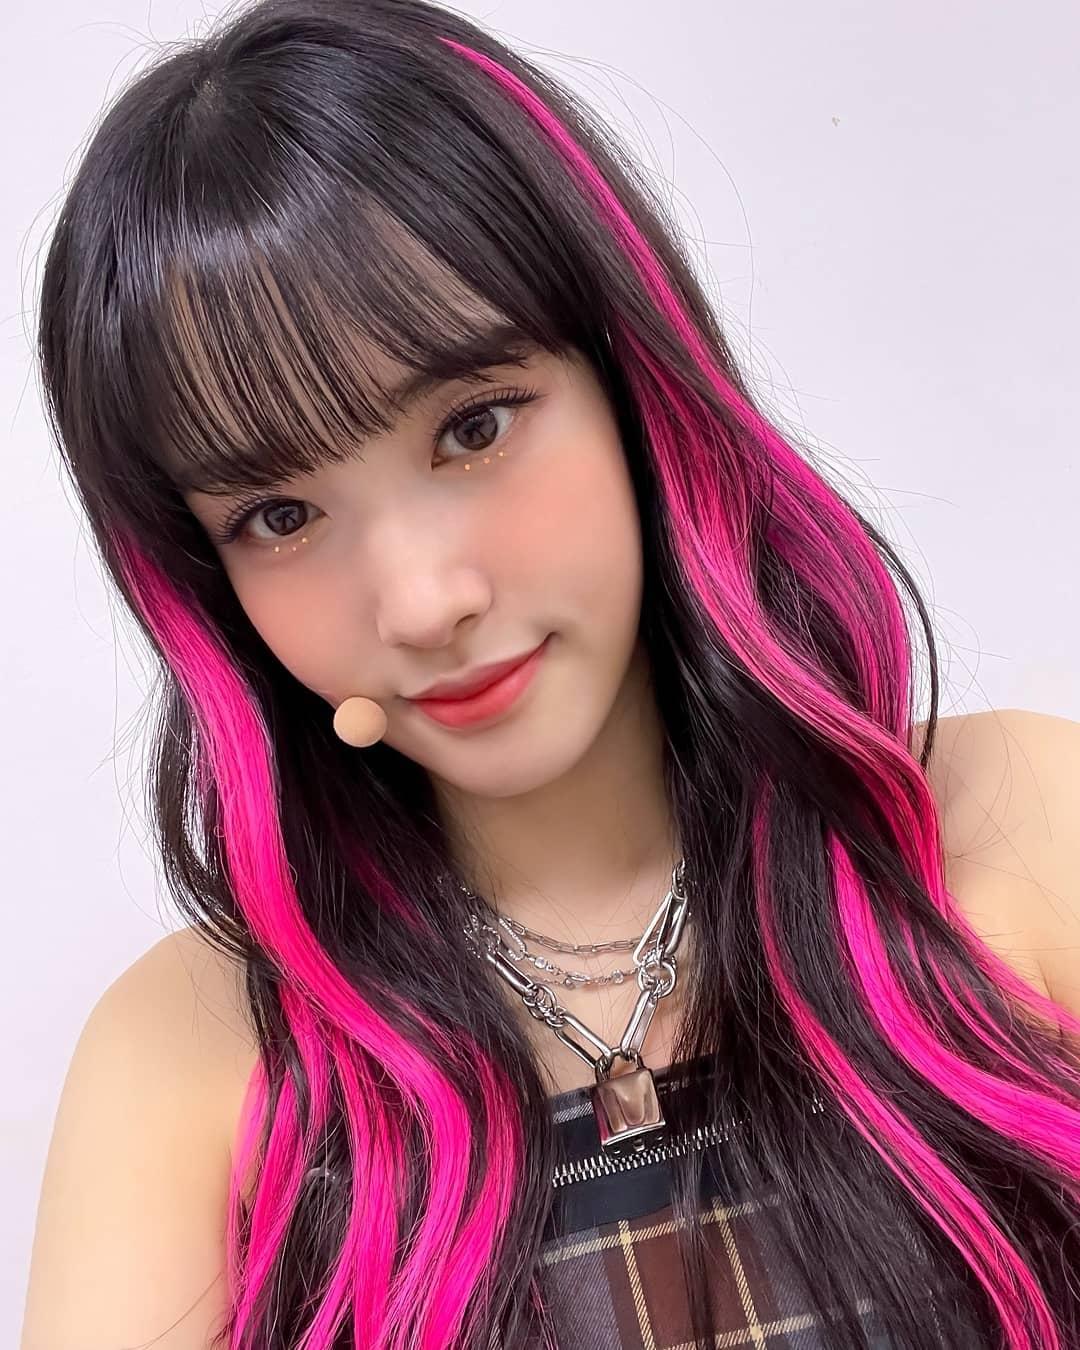 Đây chẳng phải là lần đầu tiên stylist có những sáng tạo gây tranh cãi với mái tóc của Yoon. Trước đó, cô nàng cũng thường xuyên là thành viên phải để đầu lòe loẹt nhất nhóm.